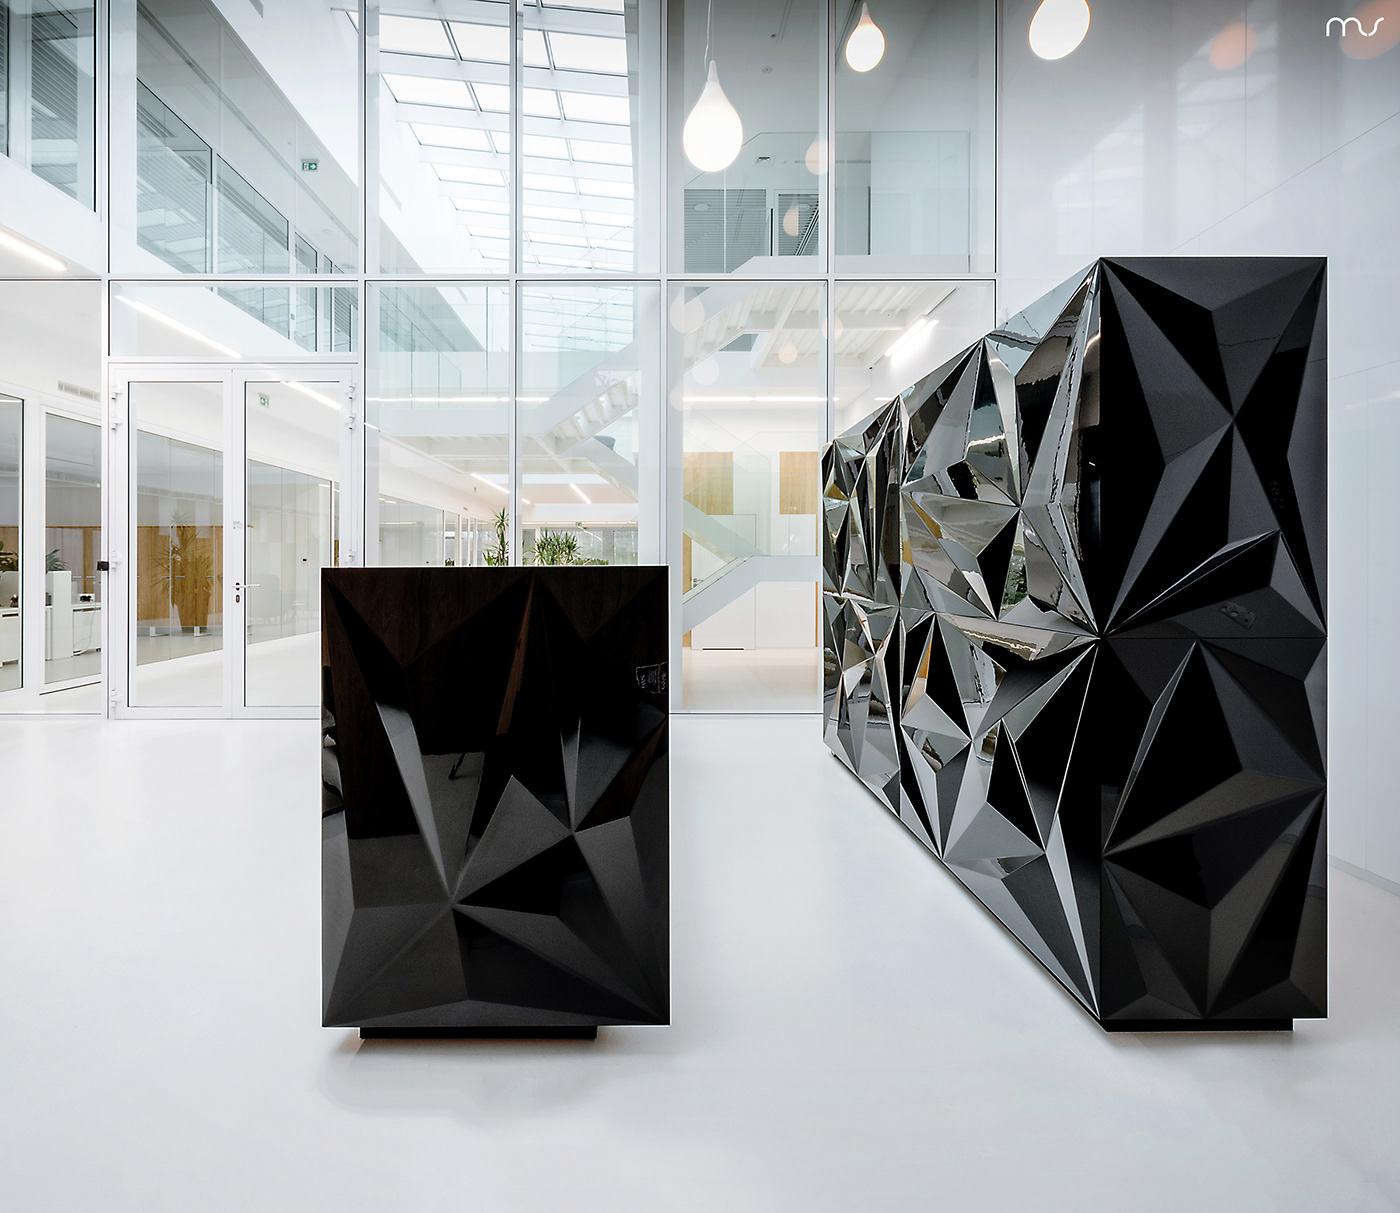 Minimalism,modern,Office,interiordesign,White,light,Interior,architecture